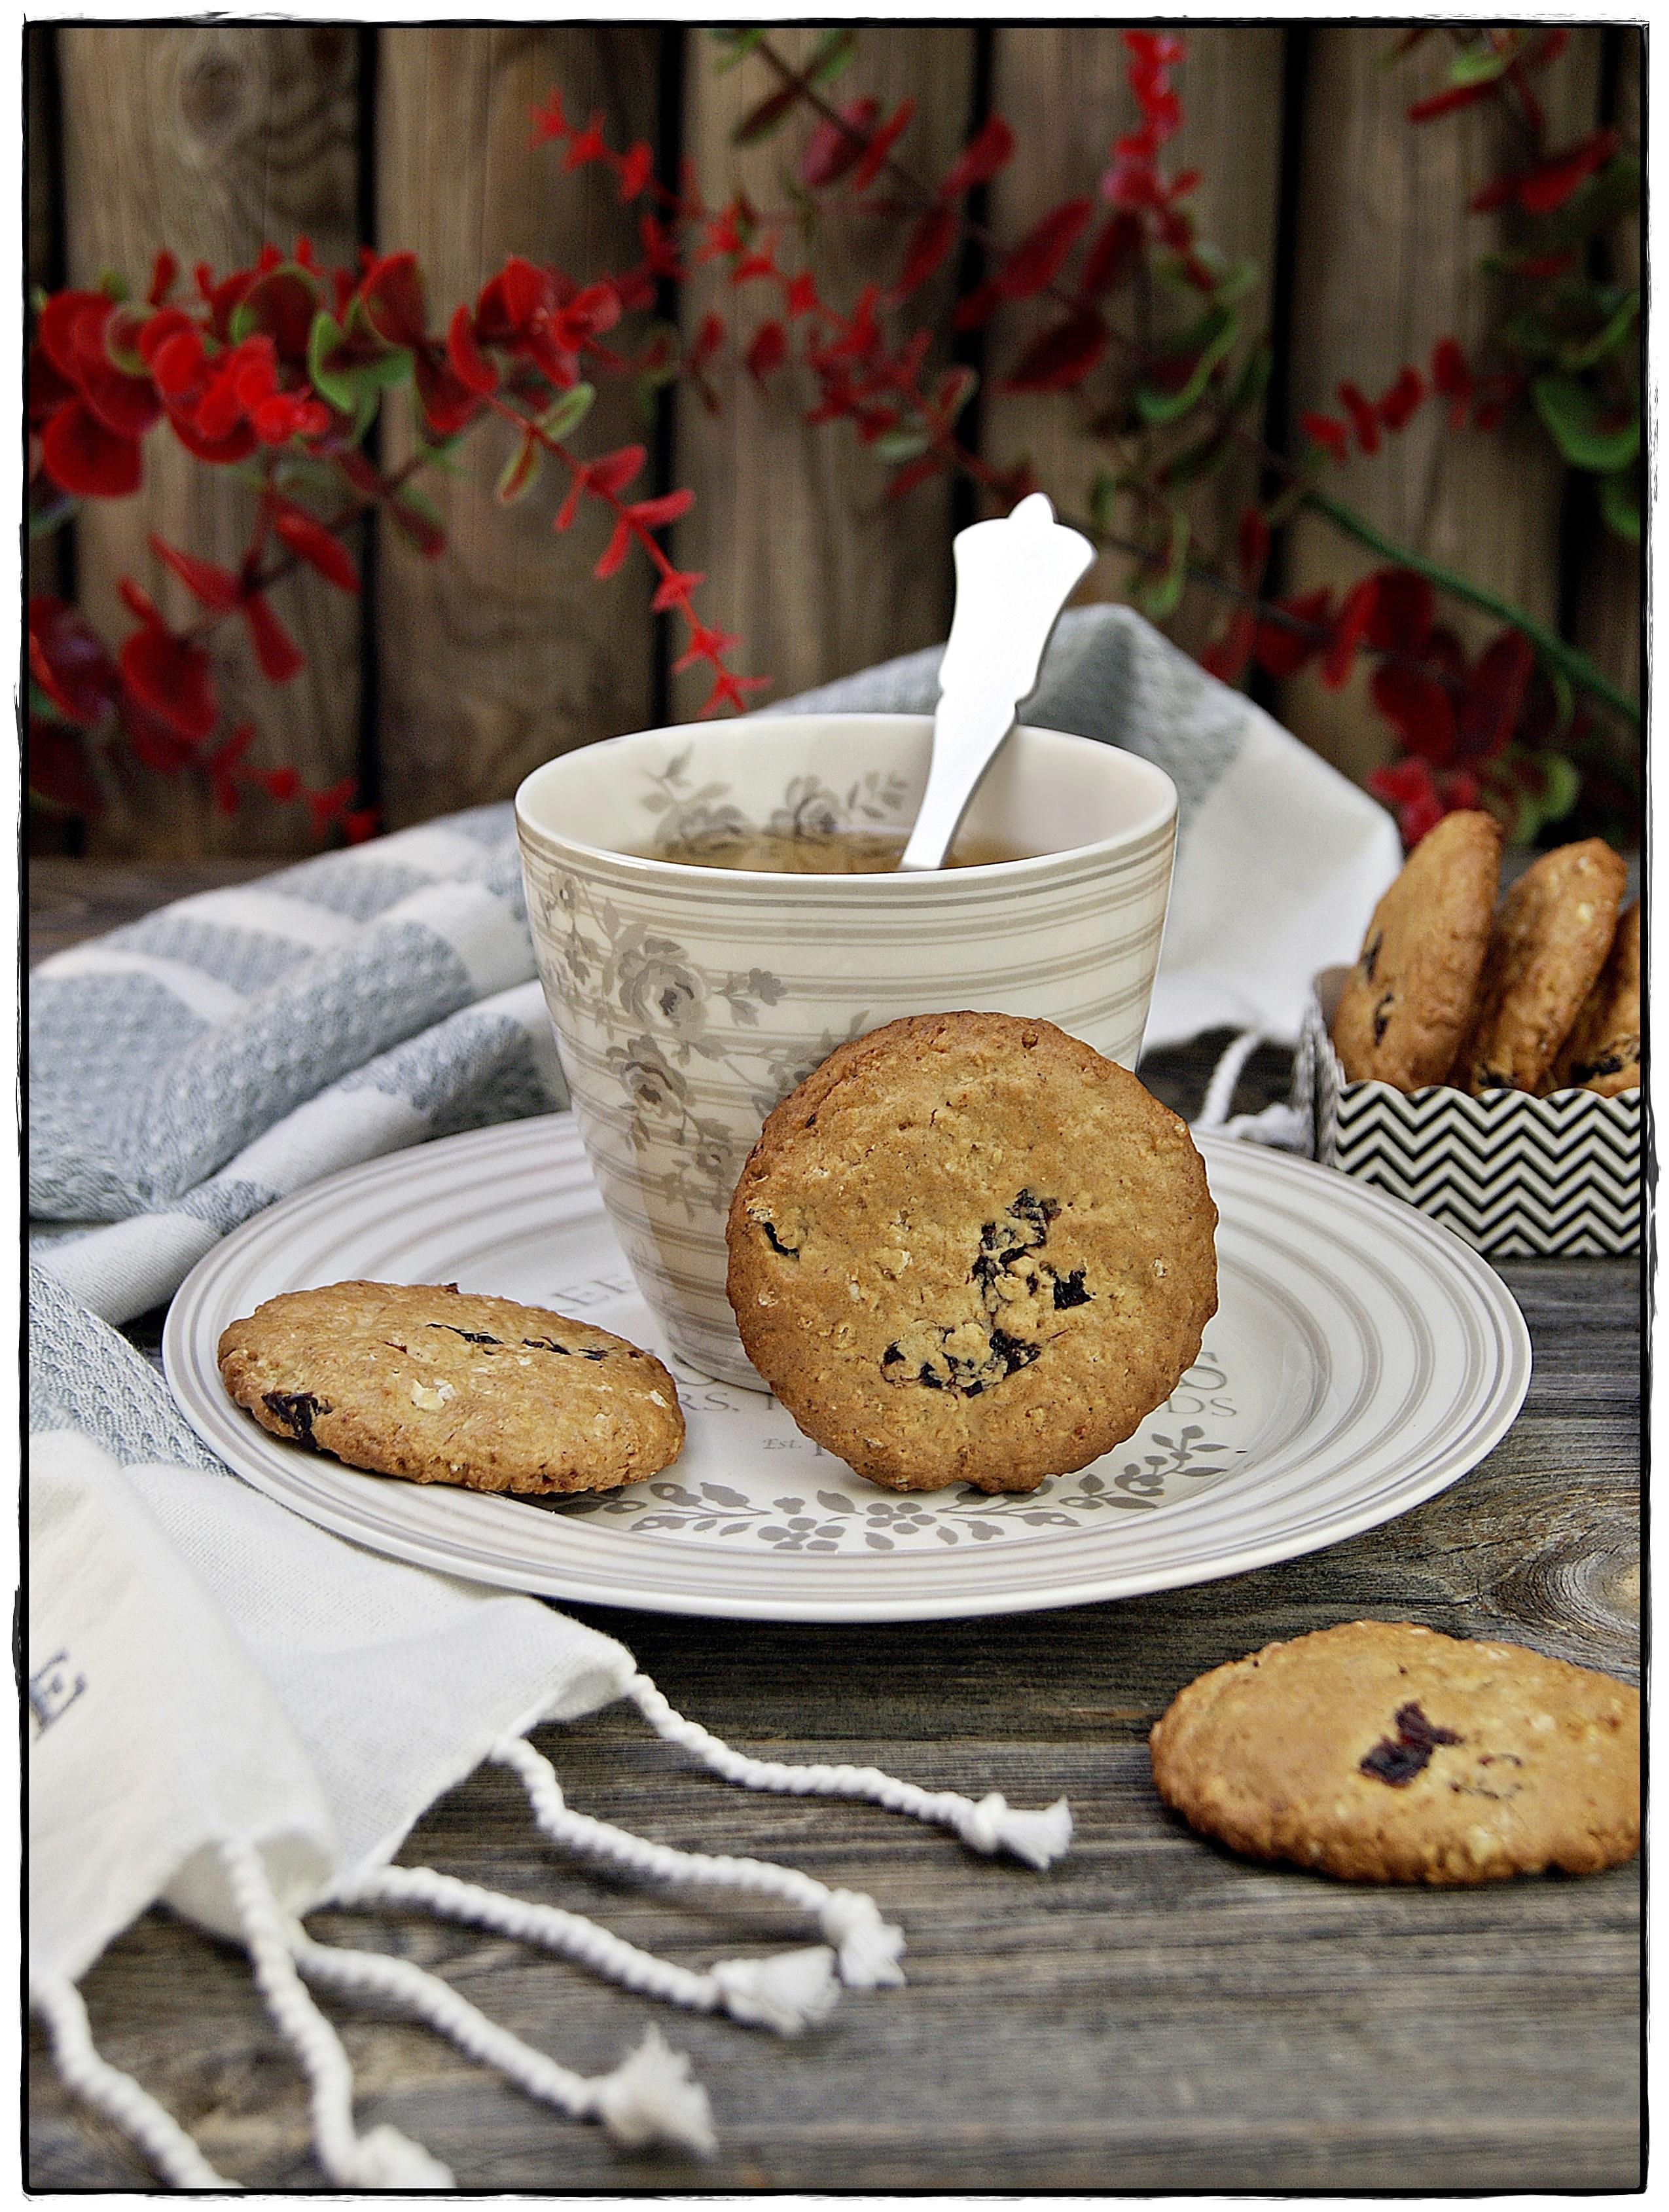 galletas de avena 7.JPG